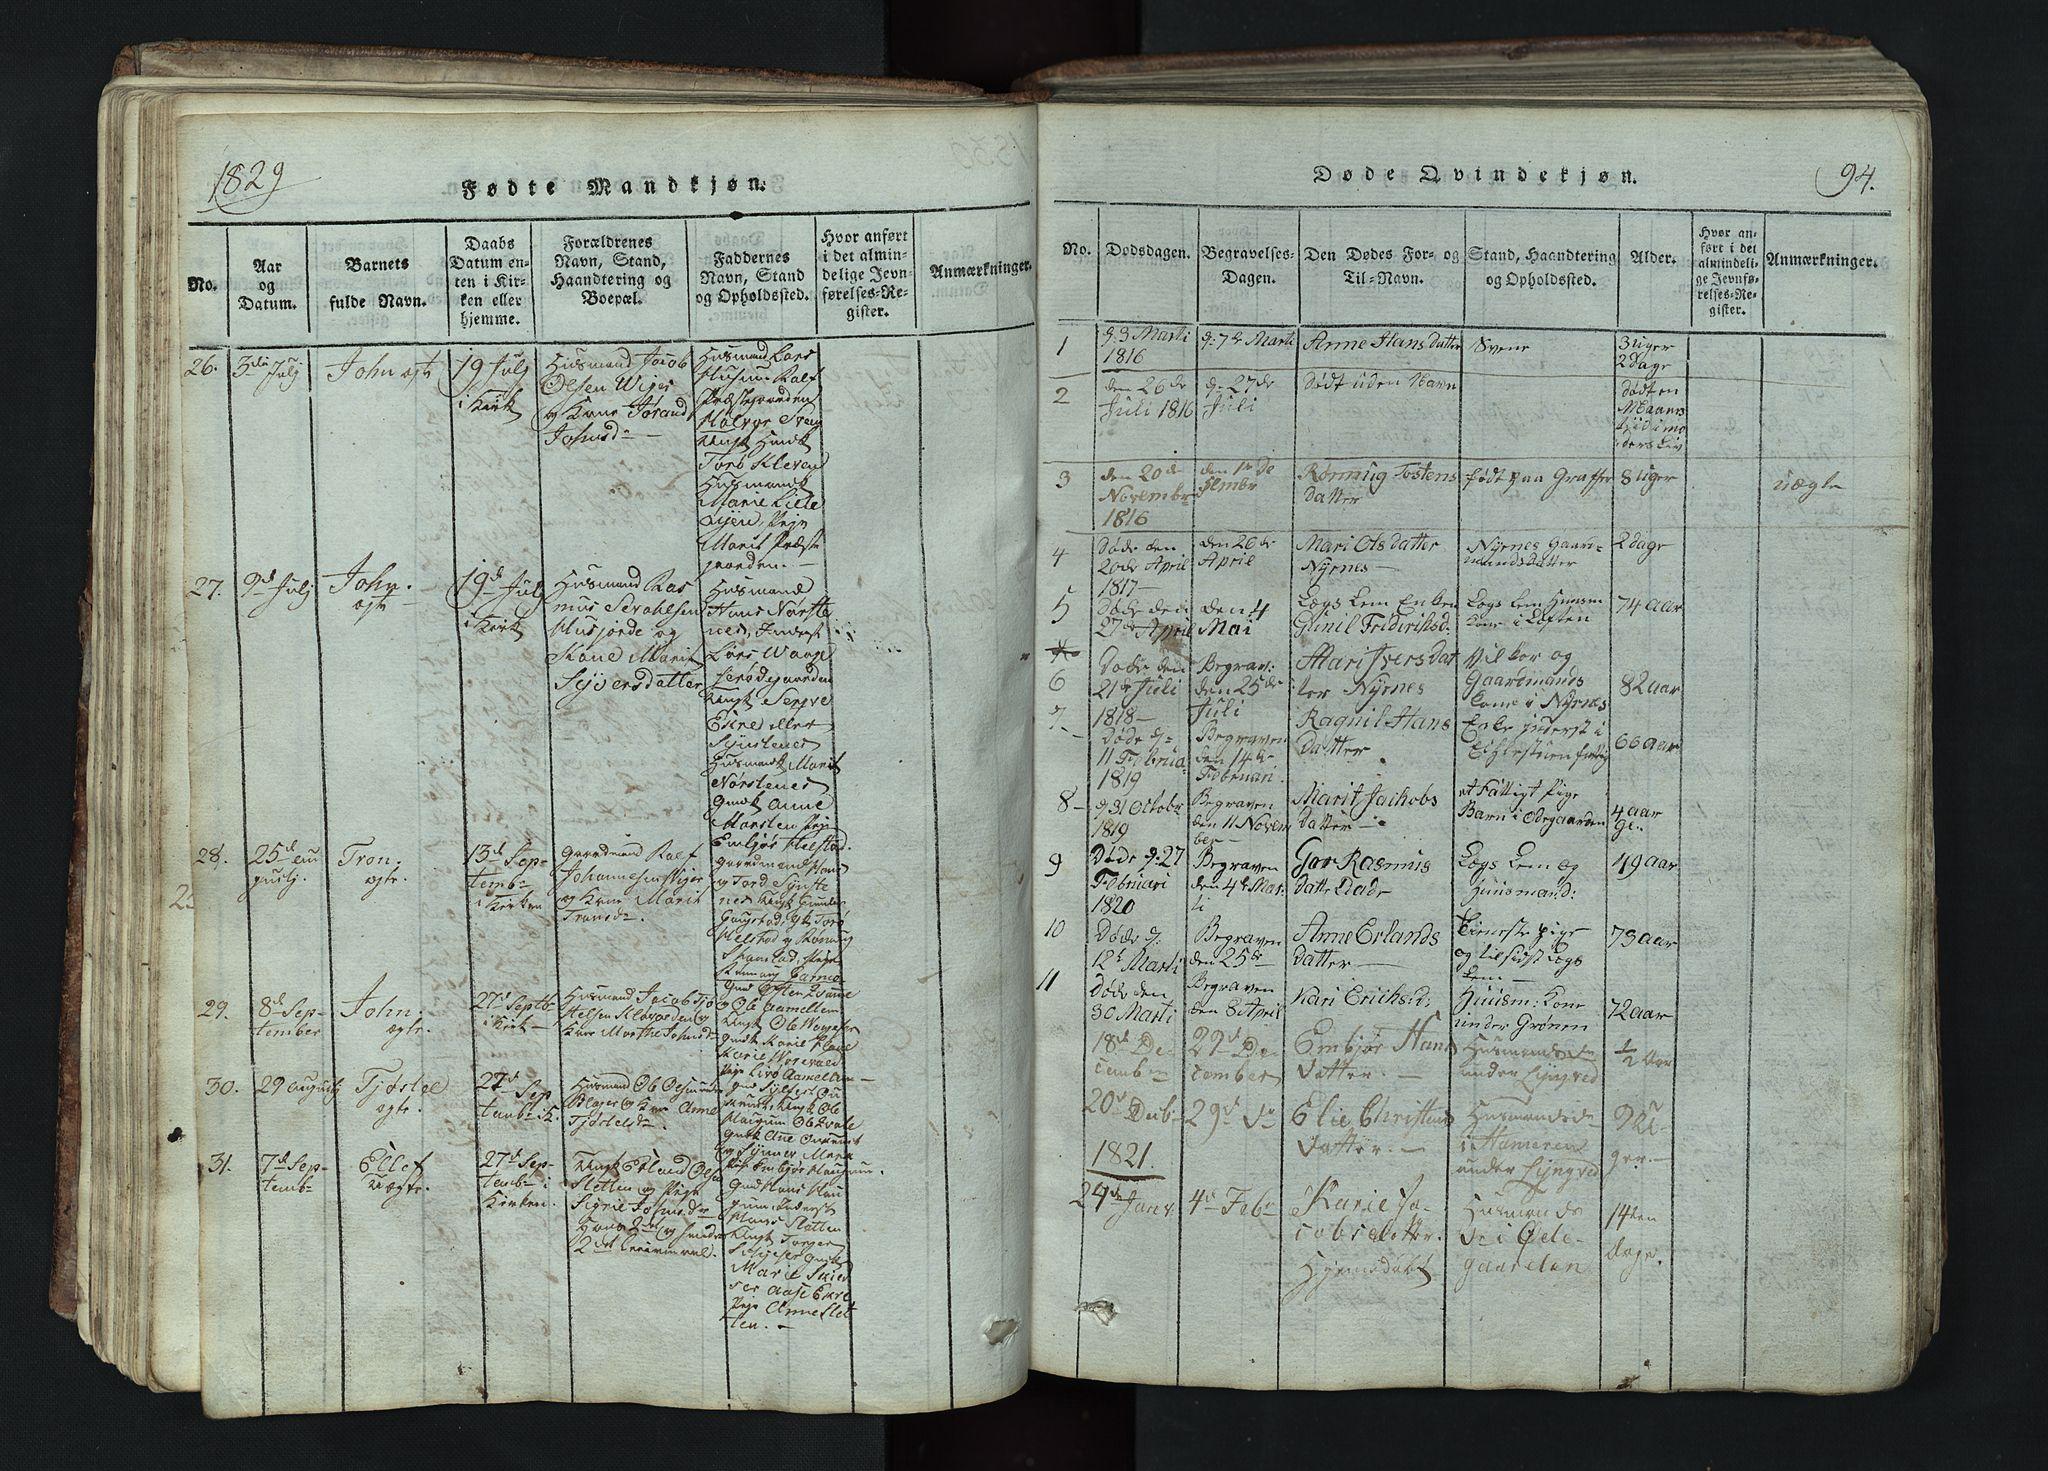 SAH, Lom prestekontor, L/L0002: Klokkerbok nr. 2, 1815-1844, s. 94